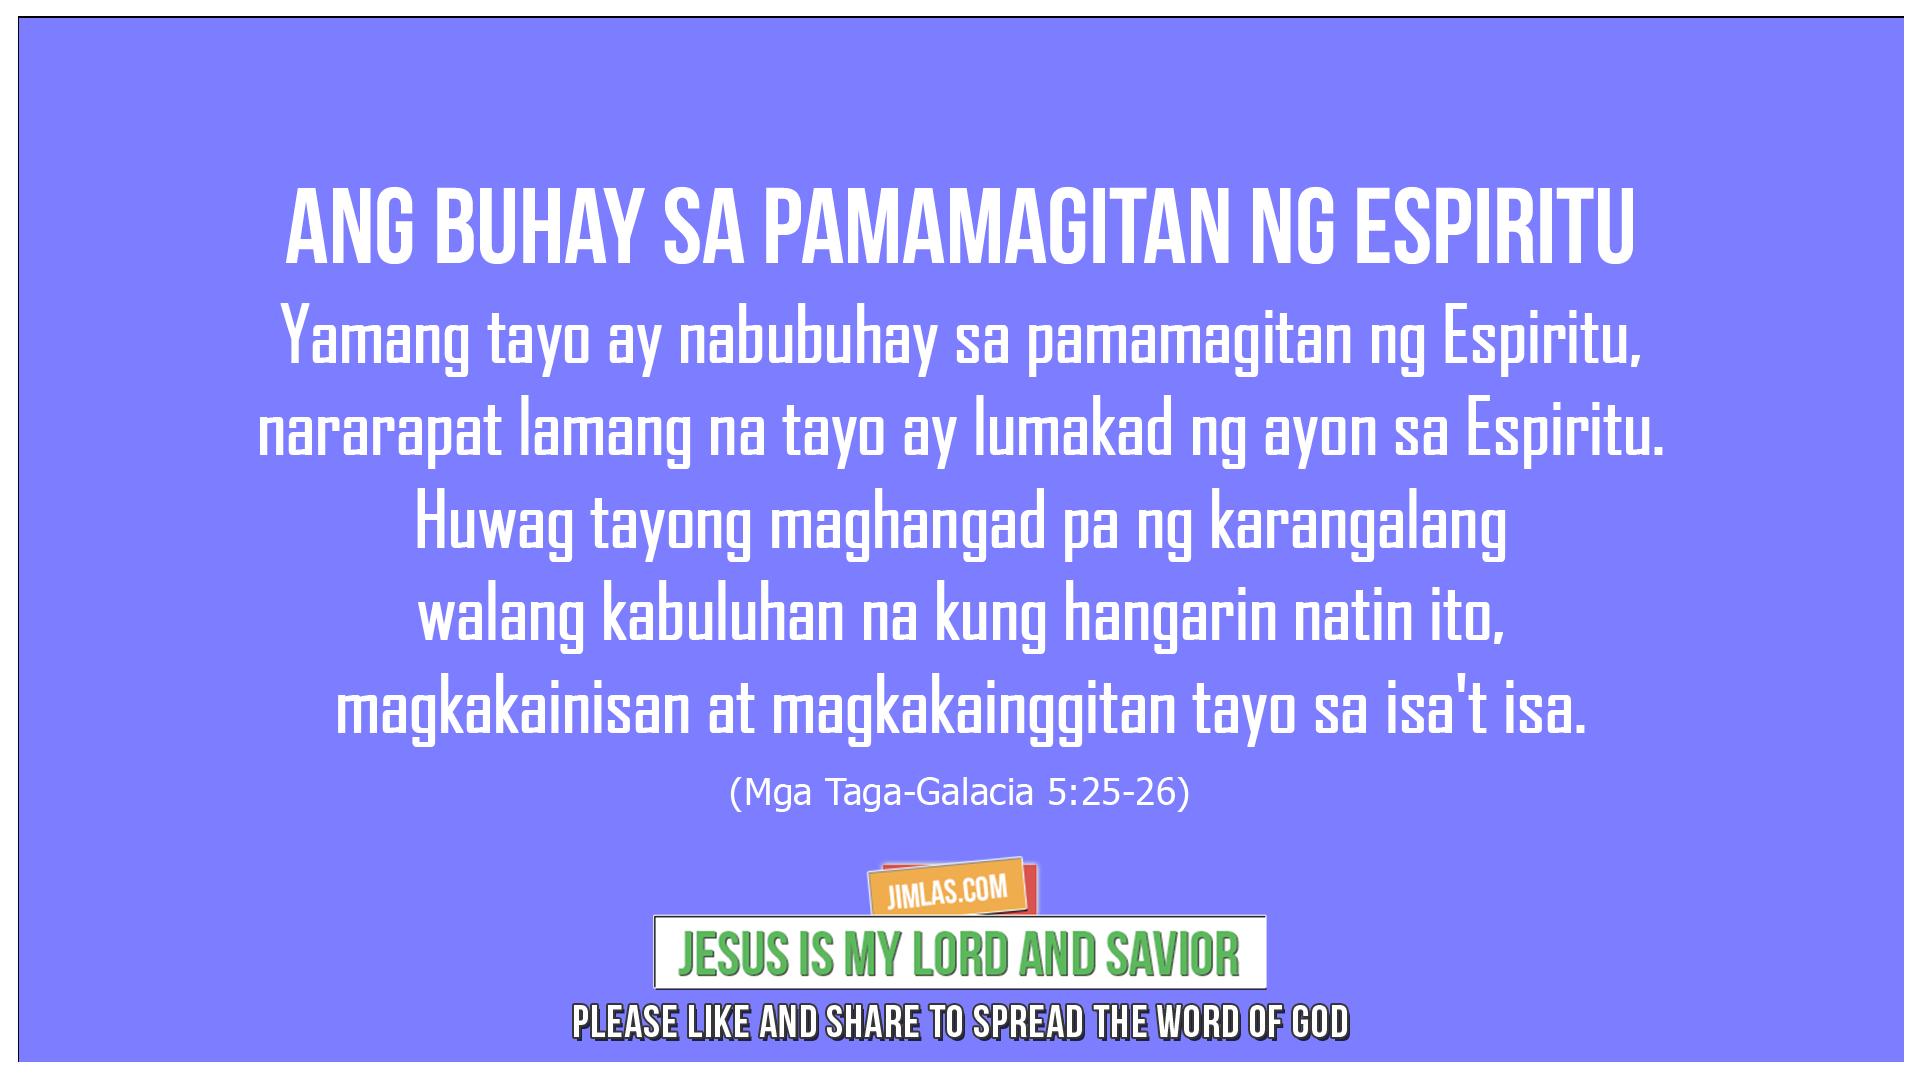 Mga Taga-Galacia 5:25-26, Mga Taga-Galacia 5:25-26